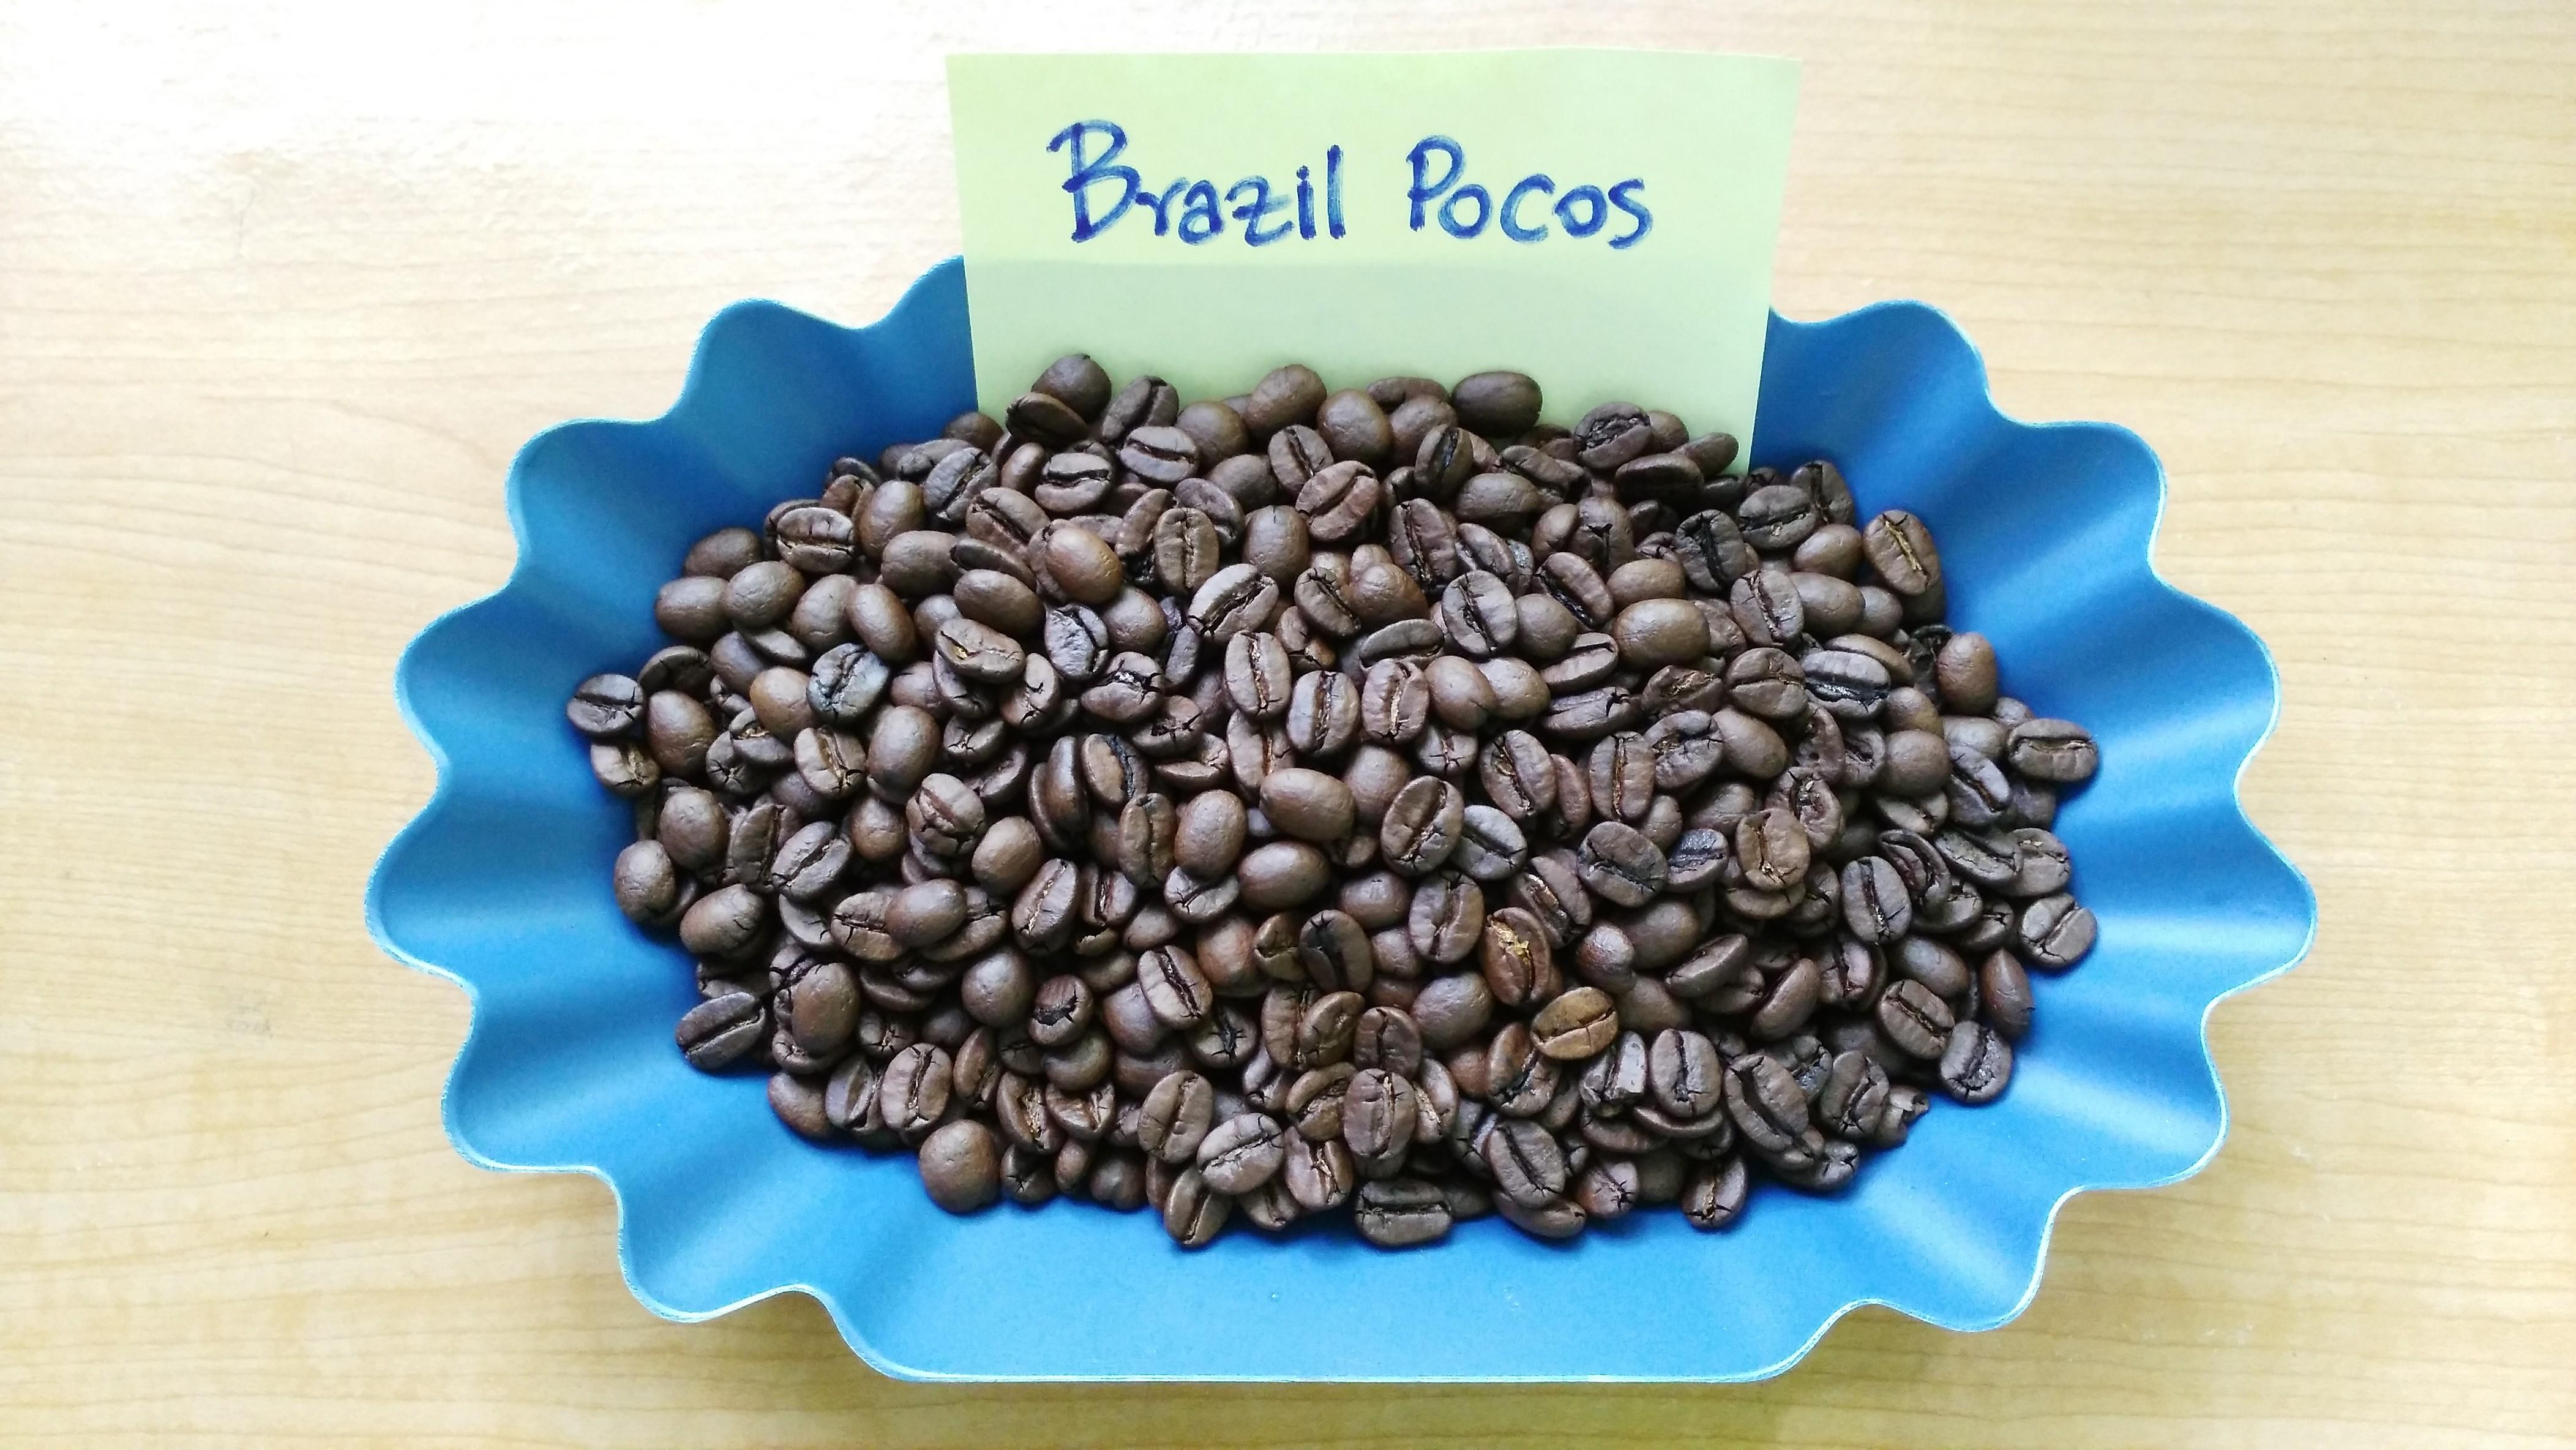 เมล็ดกาแฟคั่วบราซิลโปคอส ( BRAZIL POCOS )